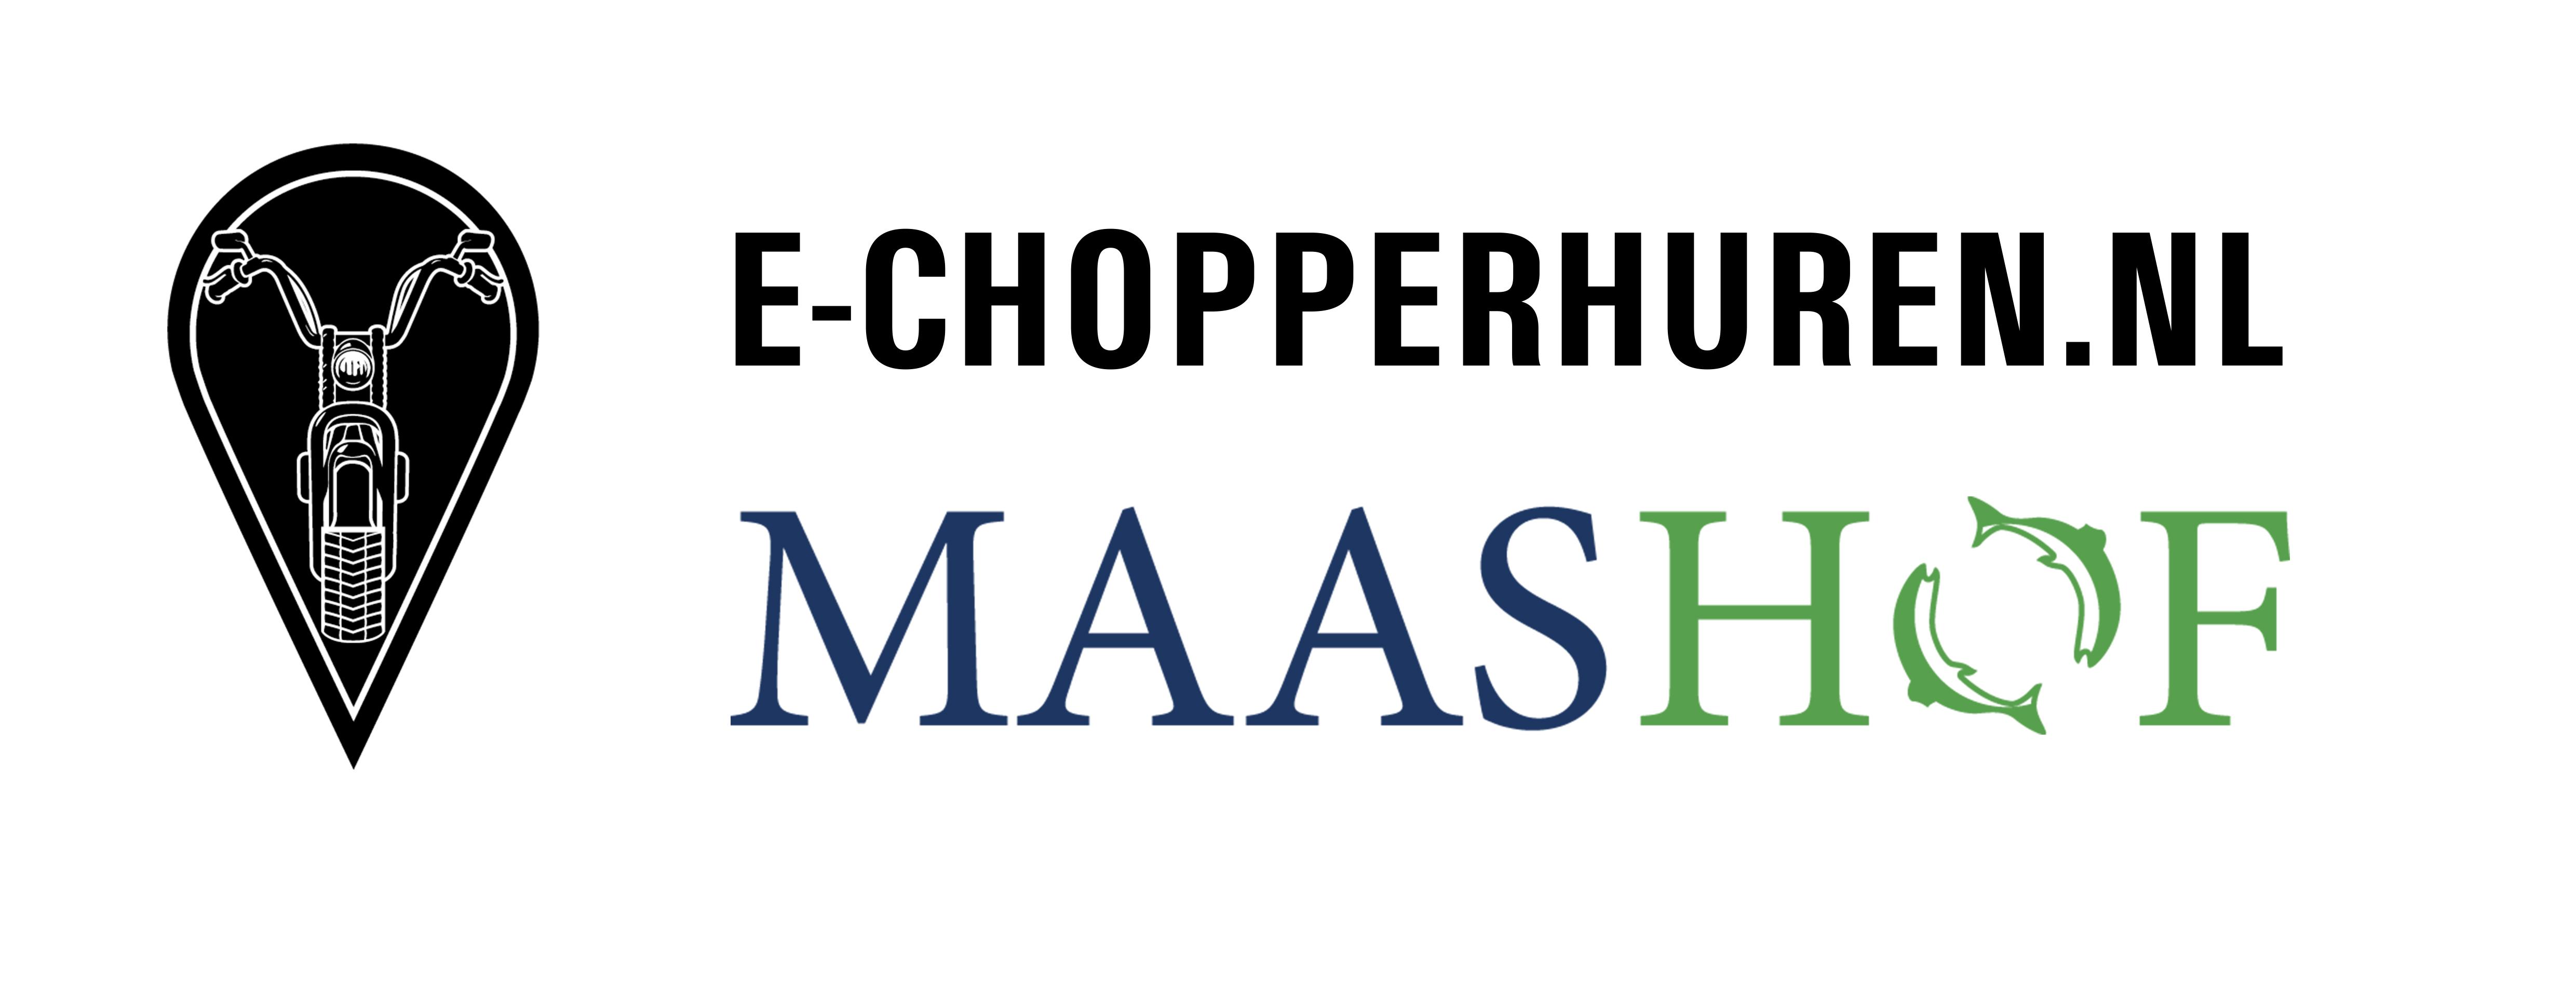 Deze route wordt aangeboden door: e-chopperhuren.nl